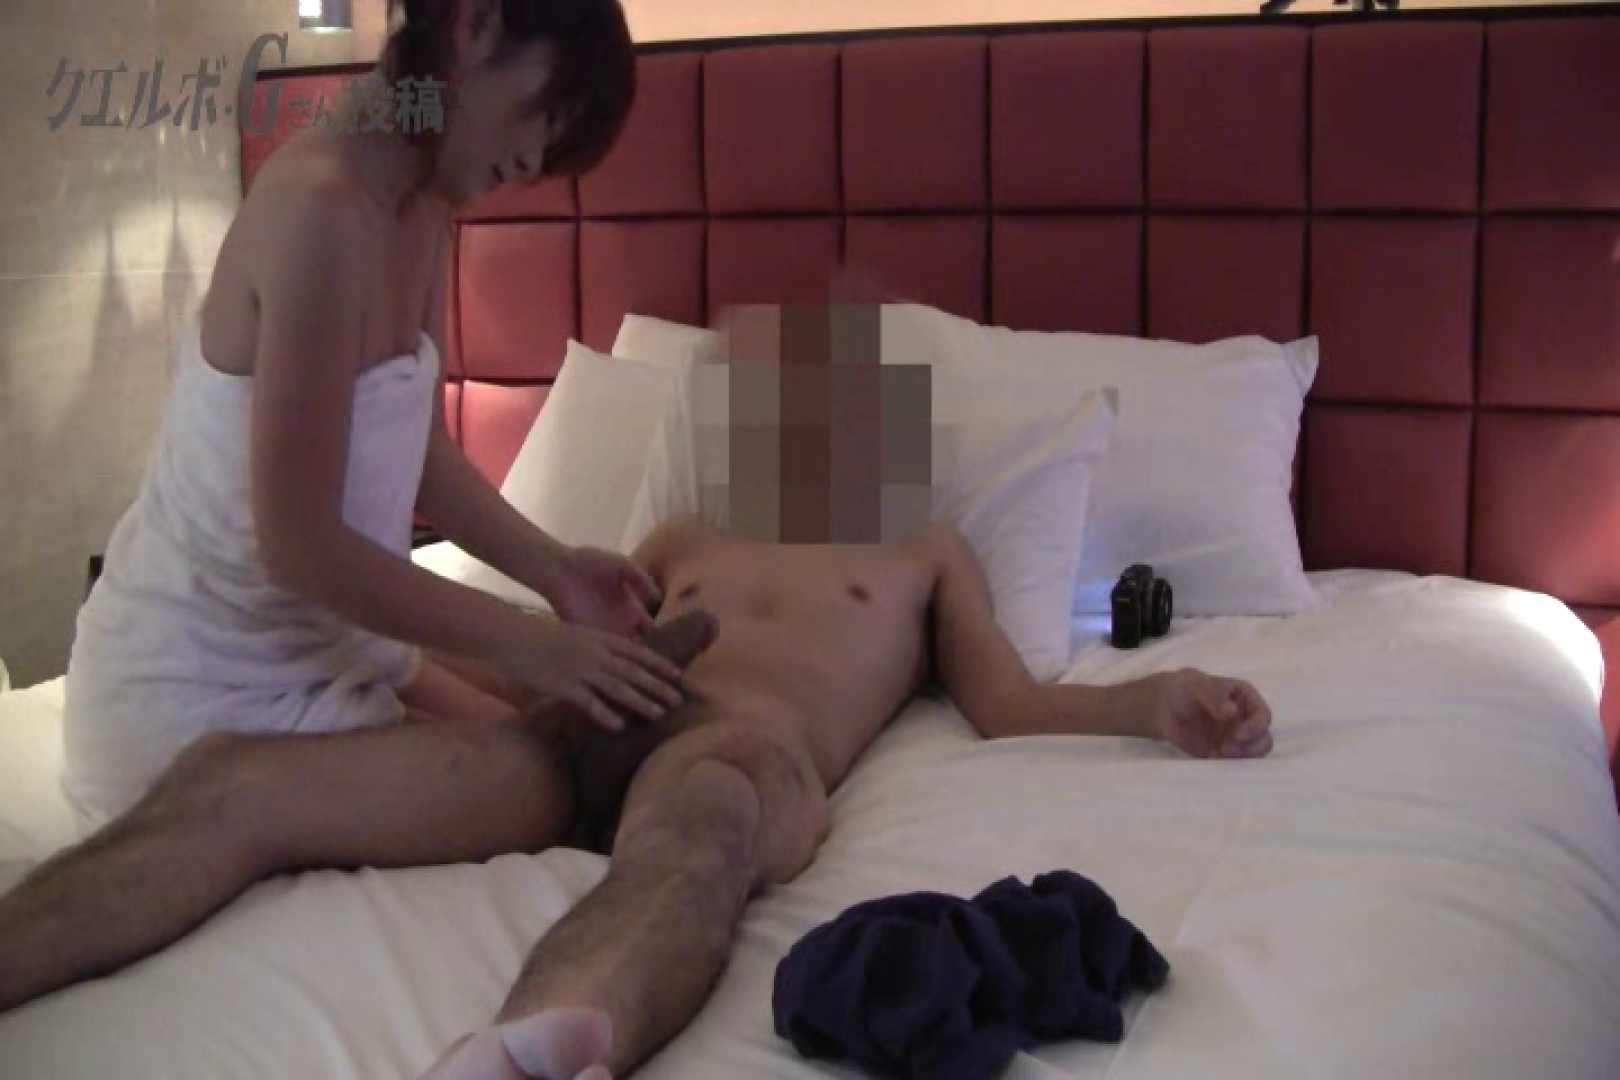 クエルボ・Gさん投稿 30歳人妻さんとの×××vol.4 一般投稿 ワレメ無修正動画無料 77pic 9